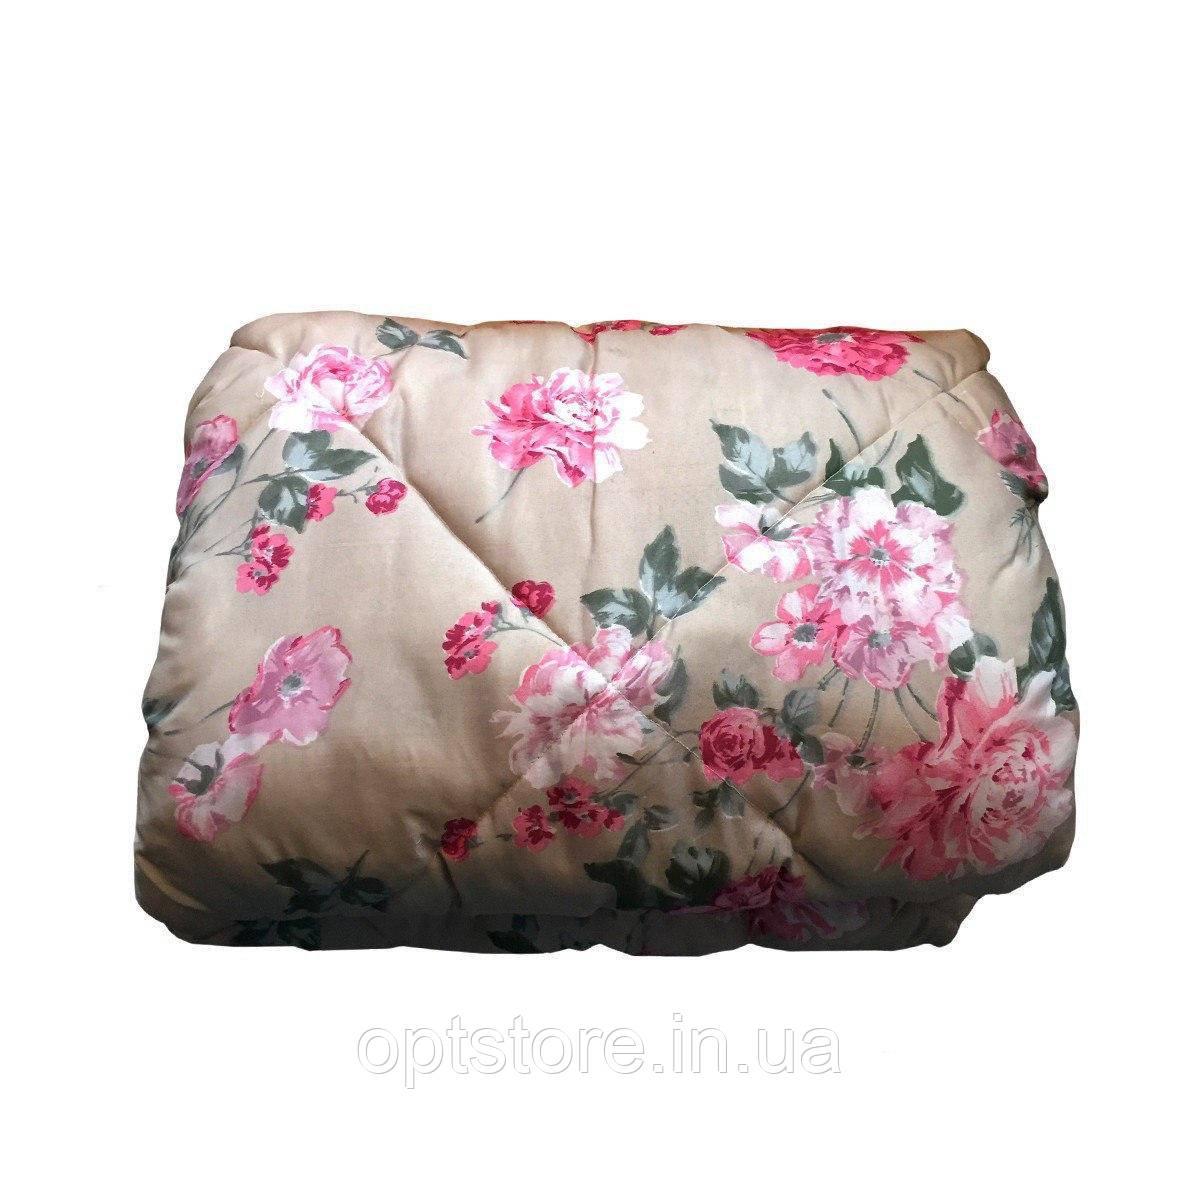 Ковдра напіввовна двоспальне 175/215,тканина полікотон